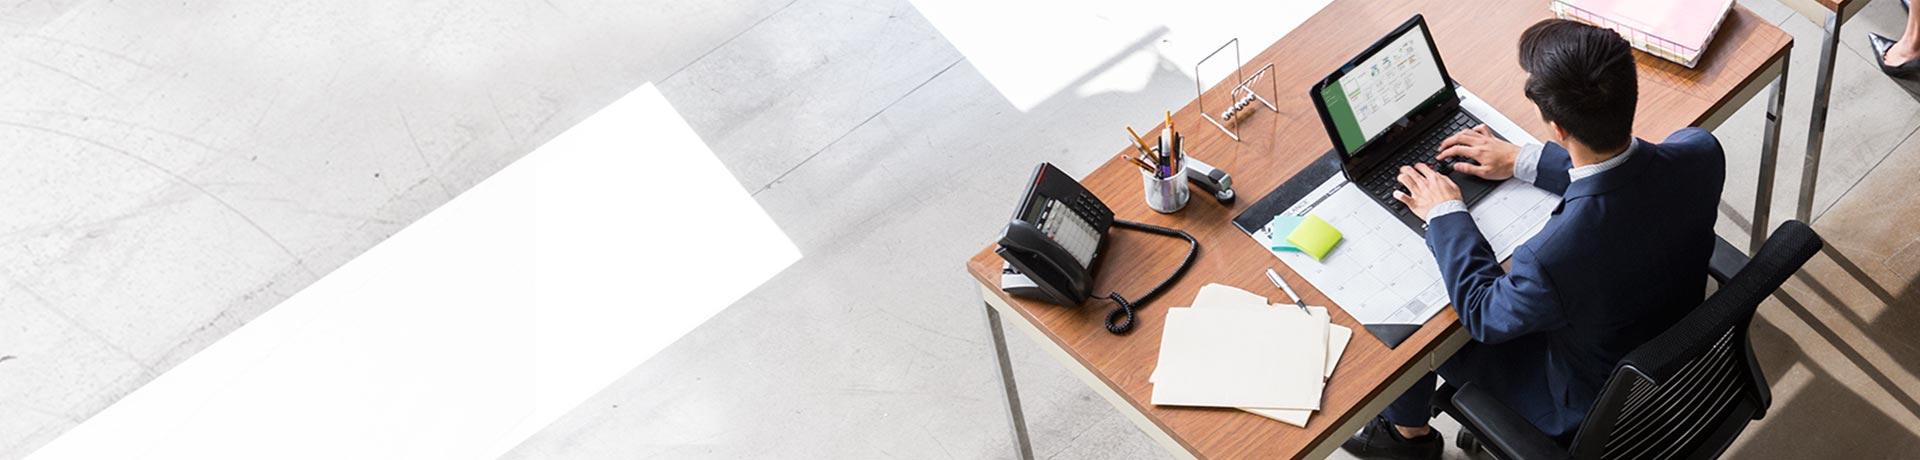 लैपटॉप पर Microsoft Project फ़ाइल पर कार्य करते हुए, कार्यालय में डेस्क पर बैठा हुआ व्यक्ति.